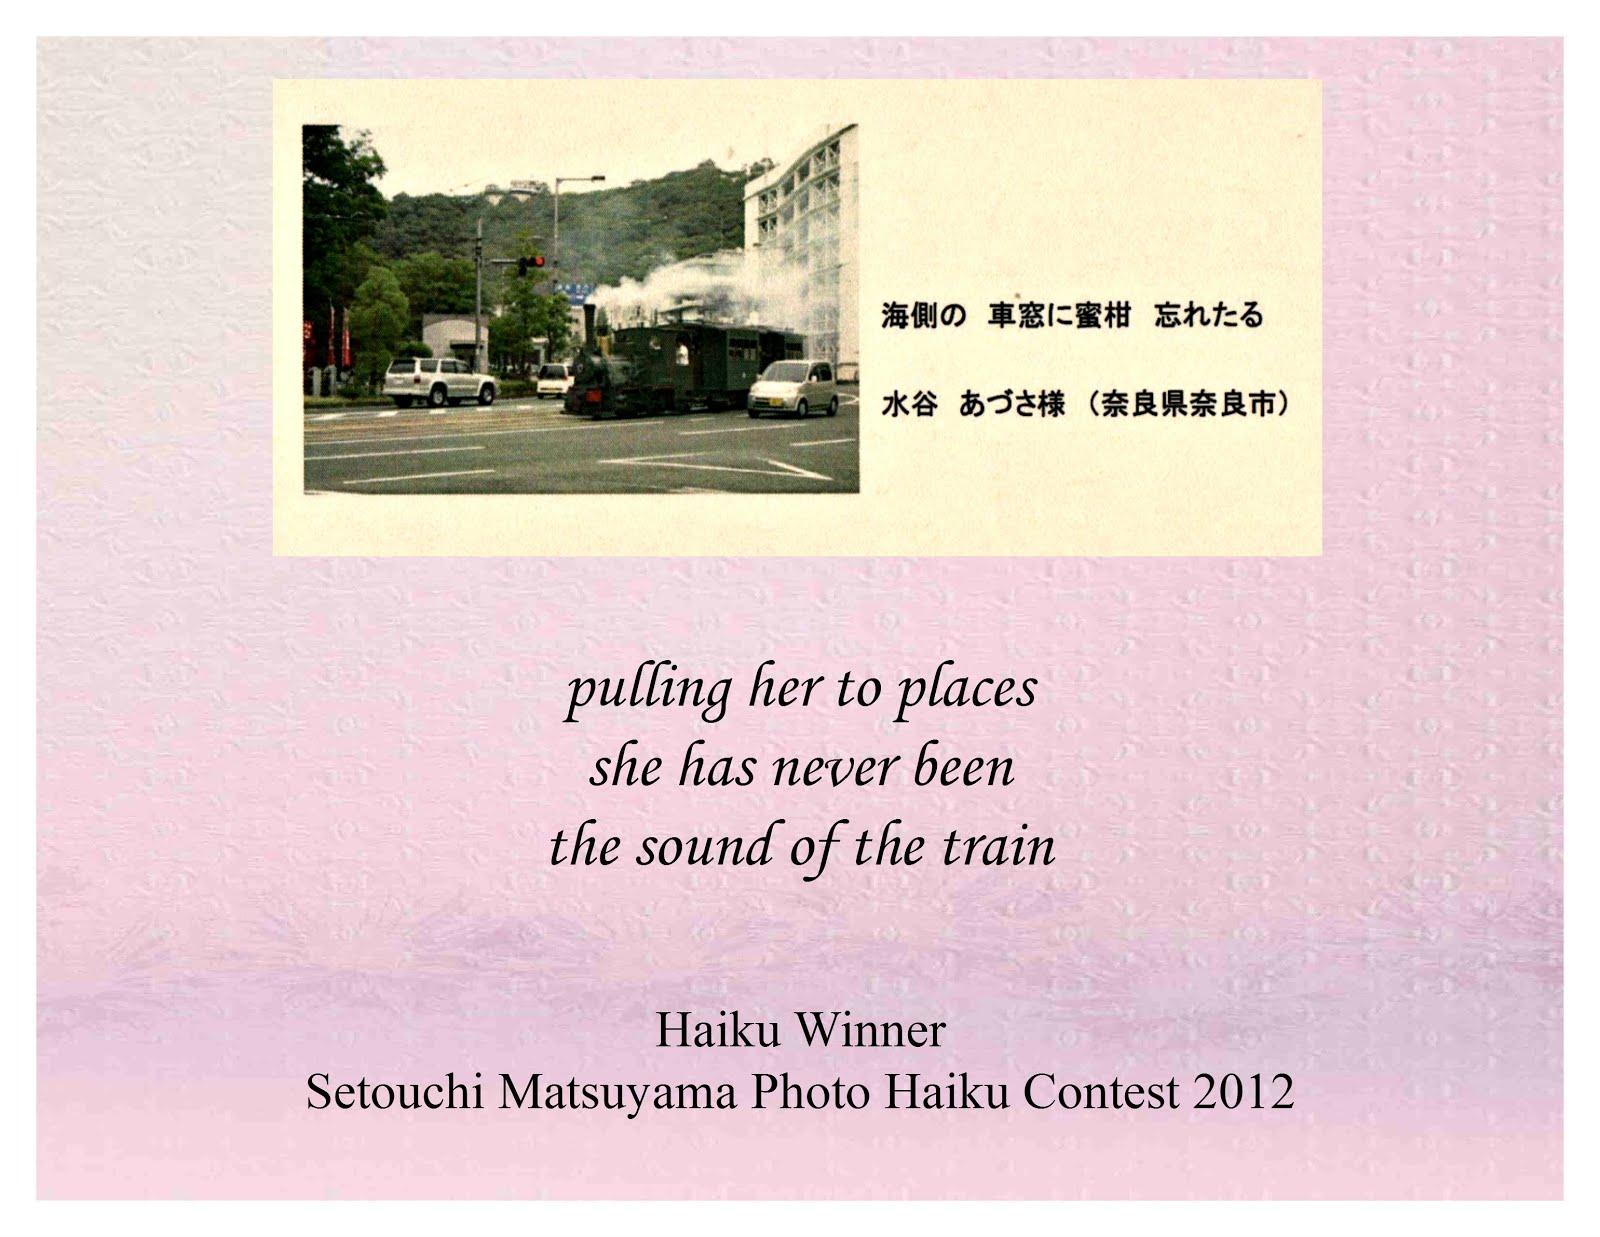 Haiku Winner, Setouchi Matsuyama Photo Haiku Contest 2012